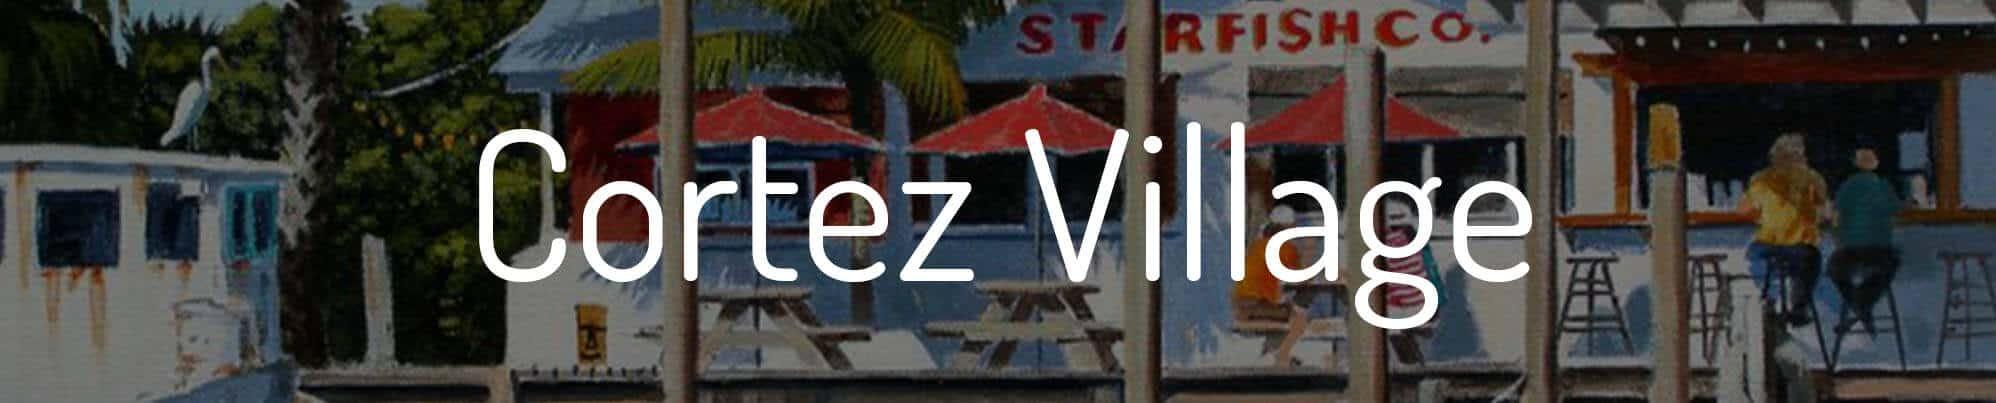 Cortez Village